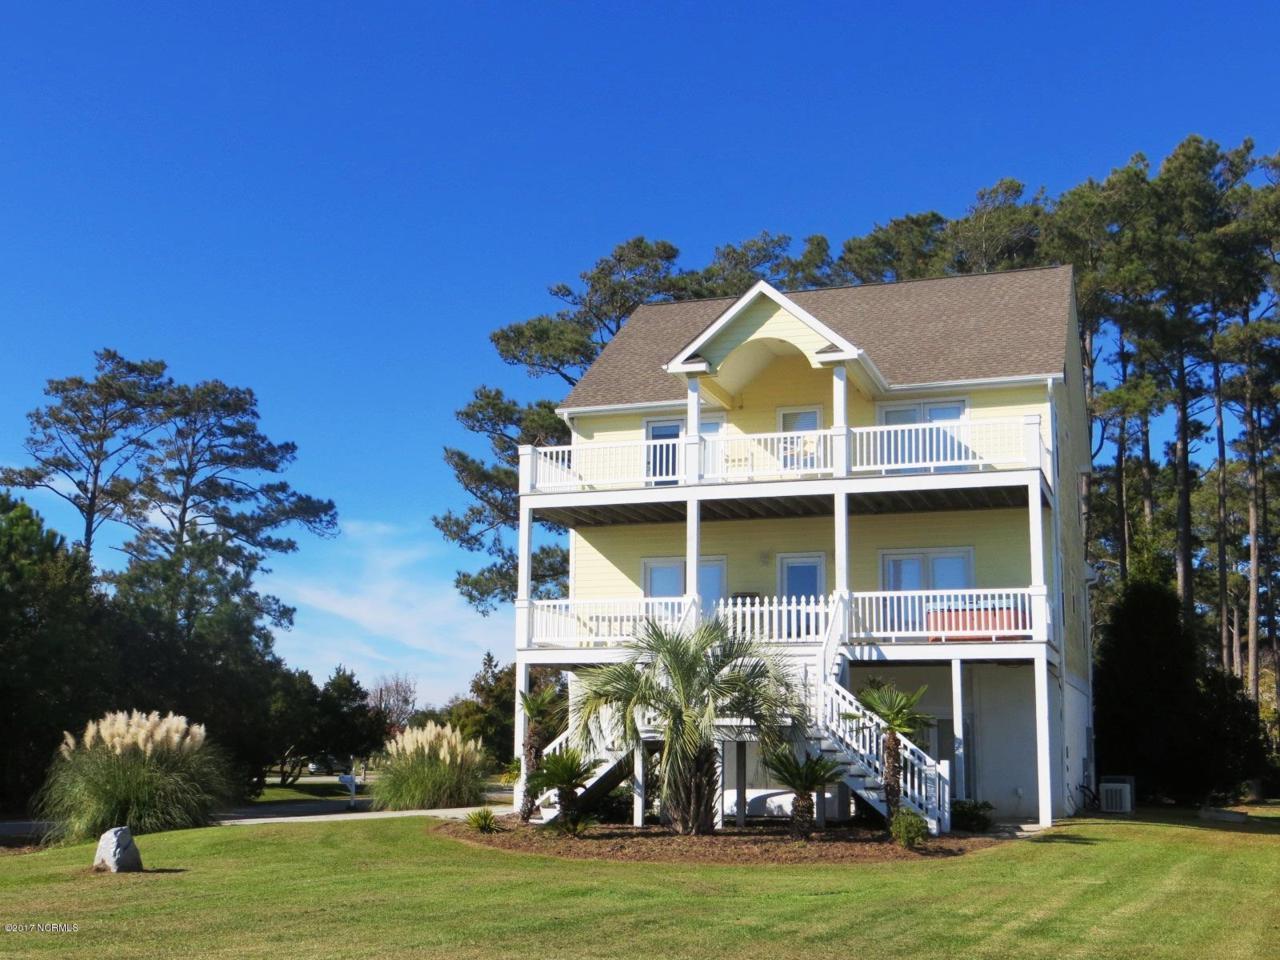 517 Island Drive - Photo 1